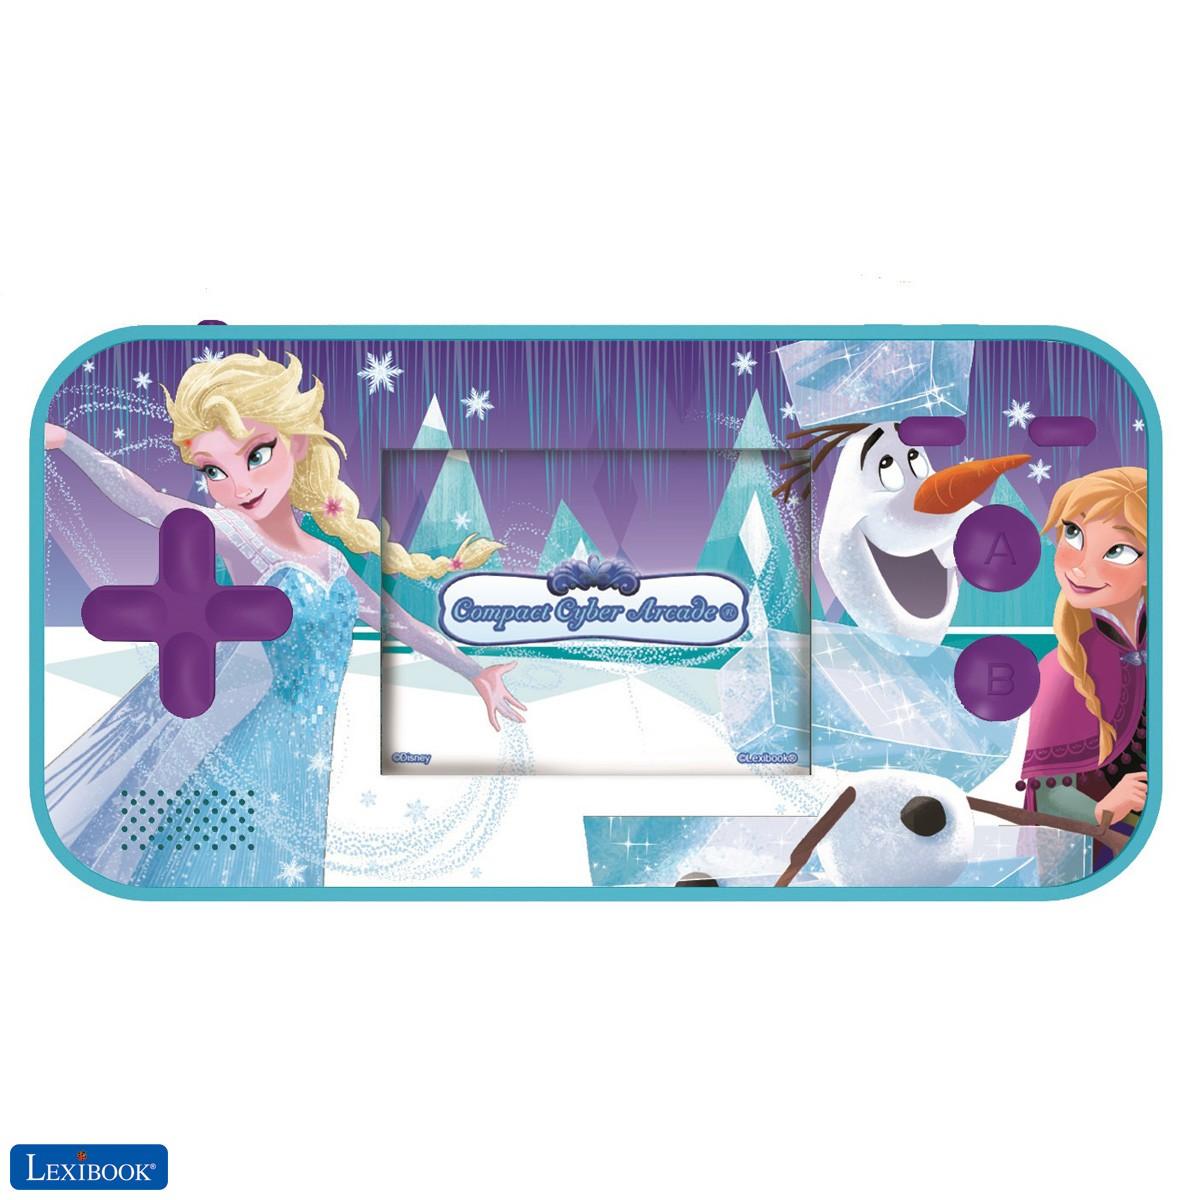 Disney Frozen Elsa Compact Cyber Arcade®  Portable Gaming Console